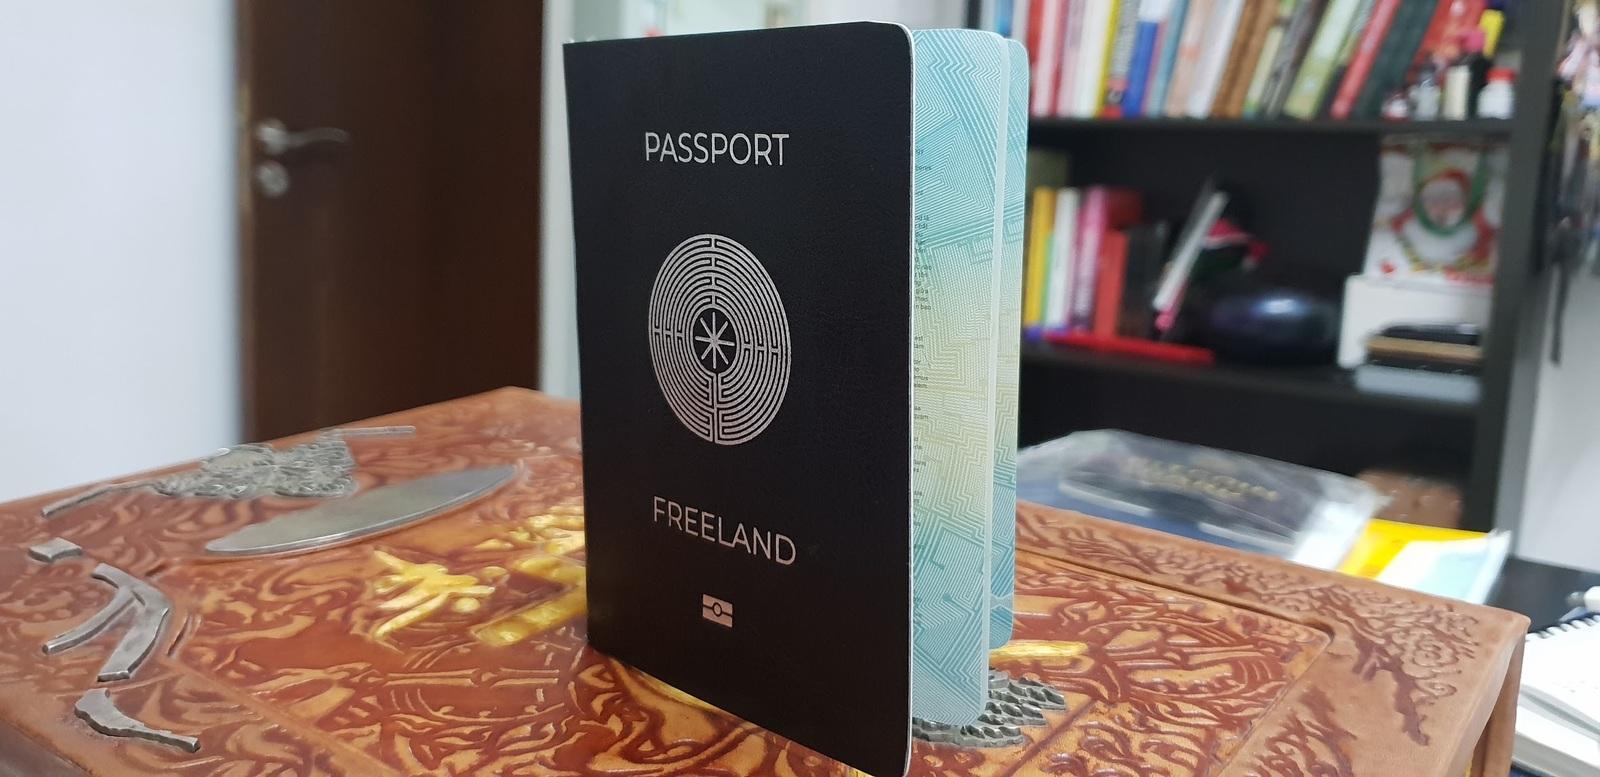 Картинки по запросу Паспорт Фрилэнд